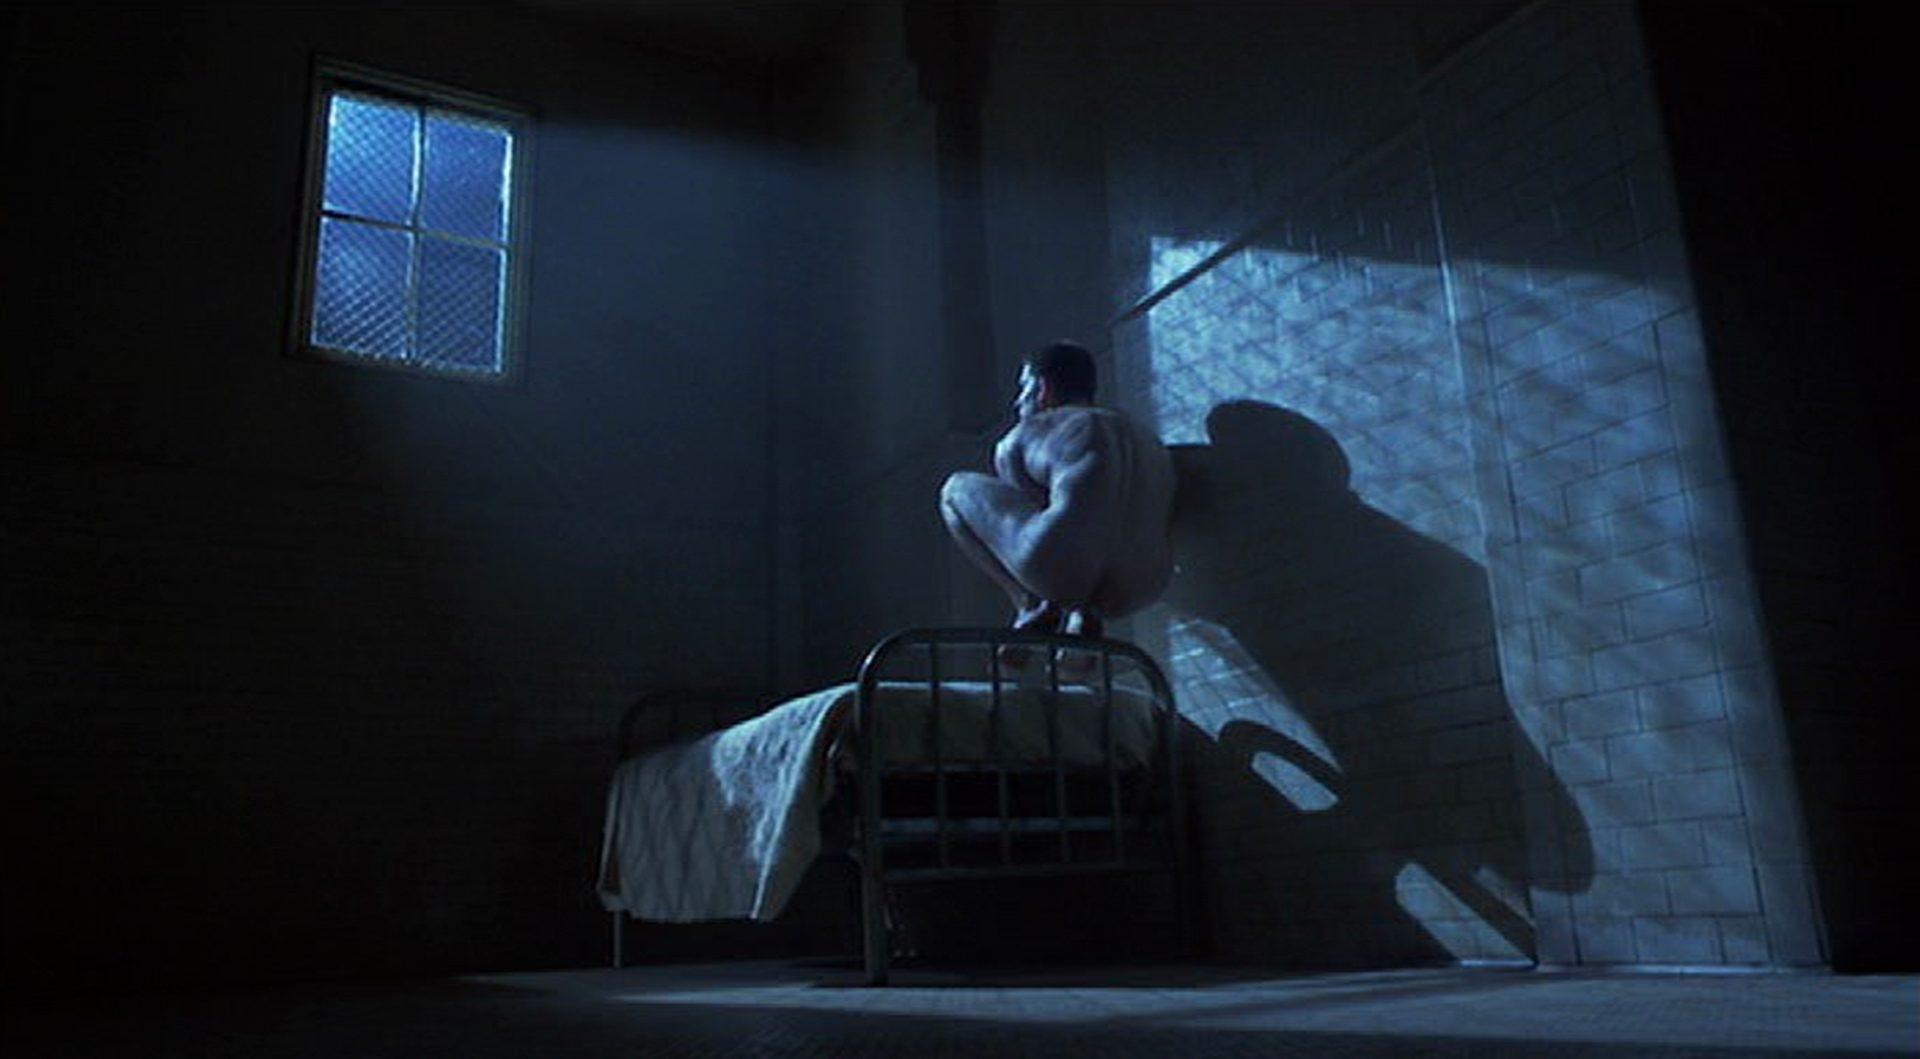 Matthew Modine kauert nackt als Birdy auf der Kante des Bettgestells im Mondschein, der durch das Fenster eines dunklen Psychiatriezimmers dringt.